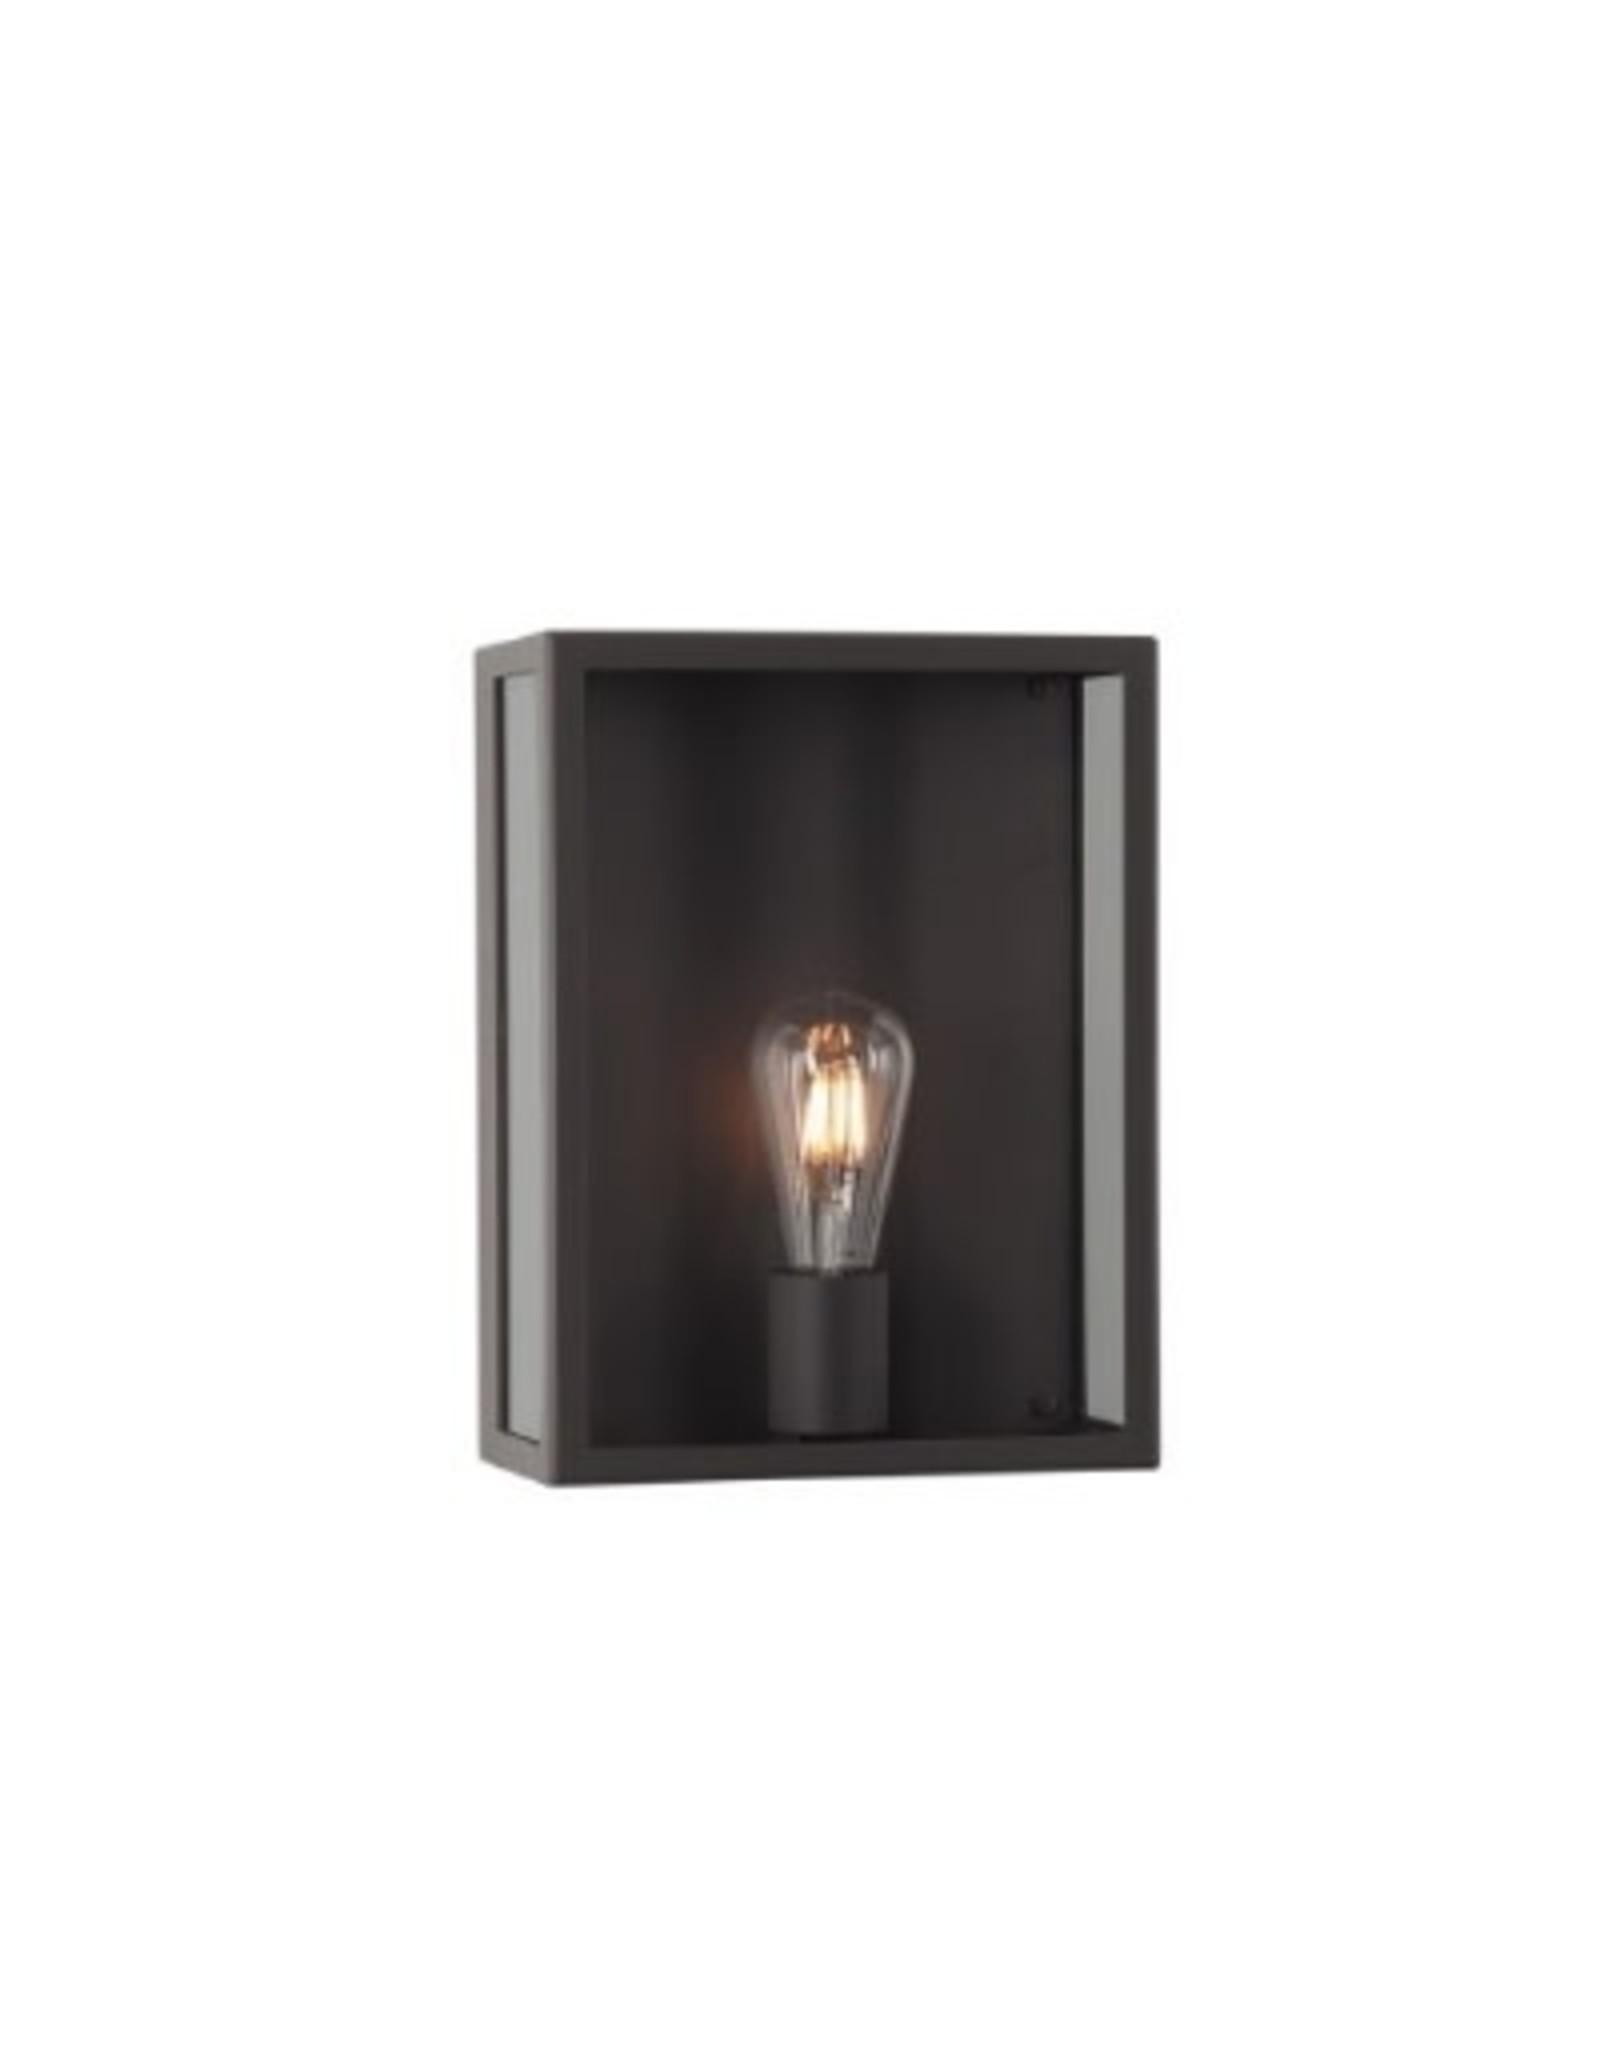 psm lighting Opbouw wandlicht zwart textuur